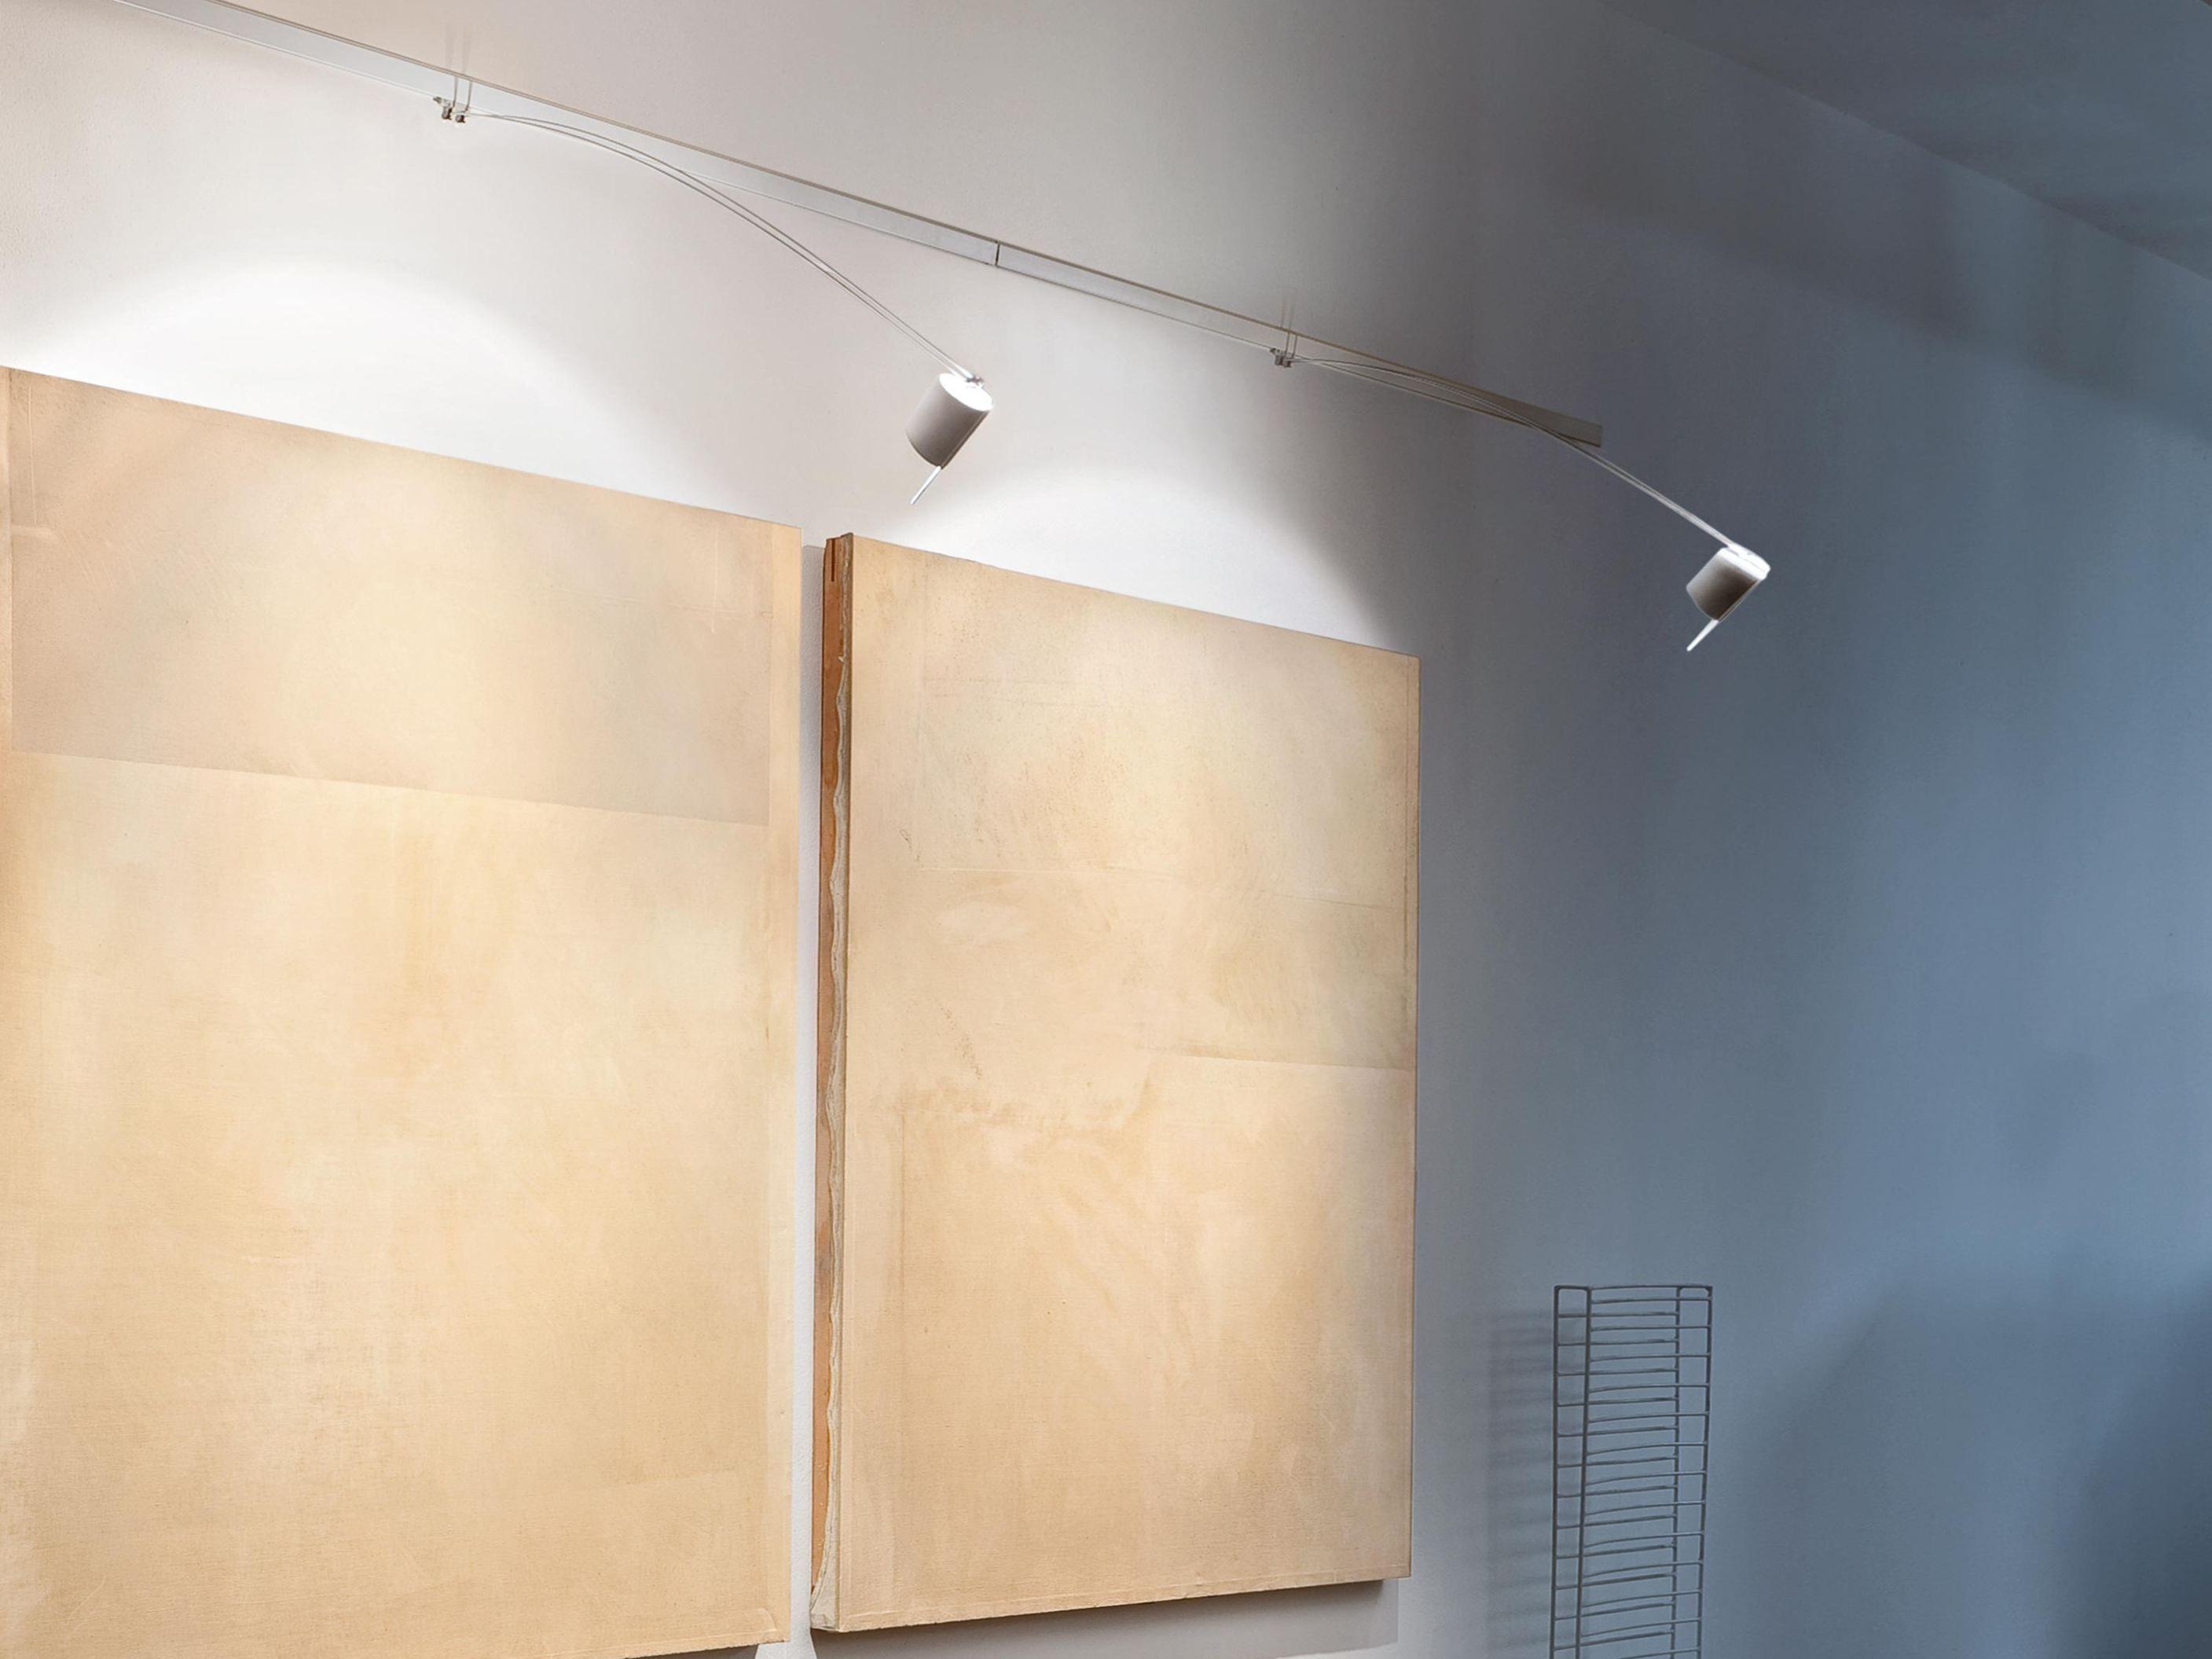 Lampada da parete a LED a binario per quadri LIGHTLIGHT® WALL Collezione Professional ...